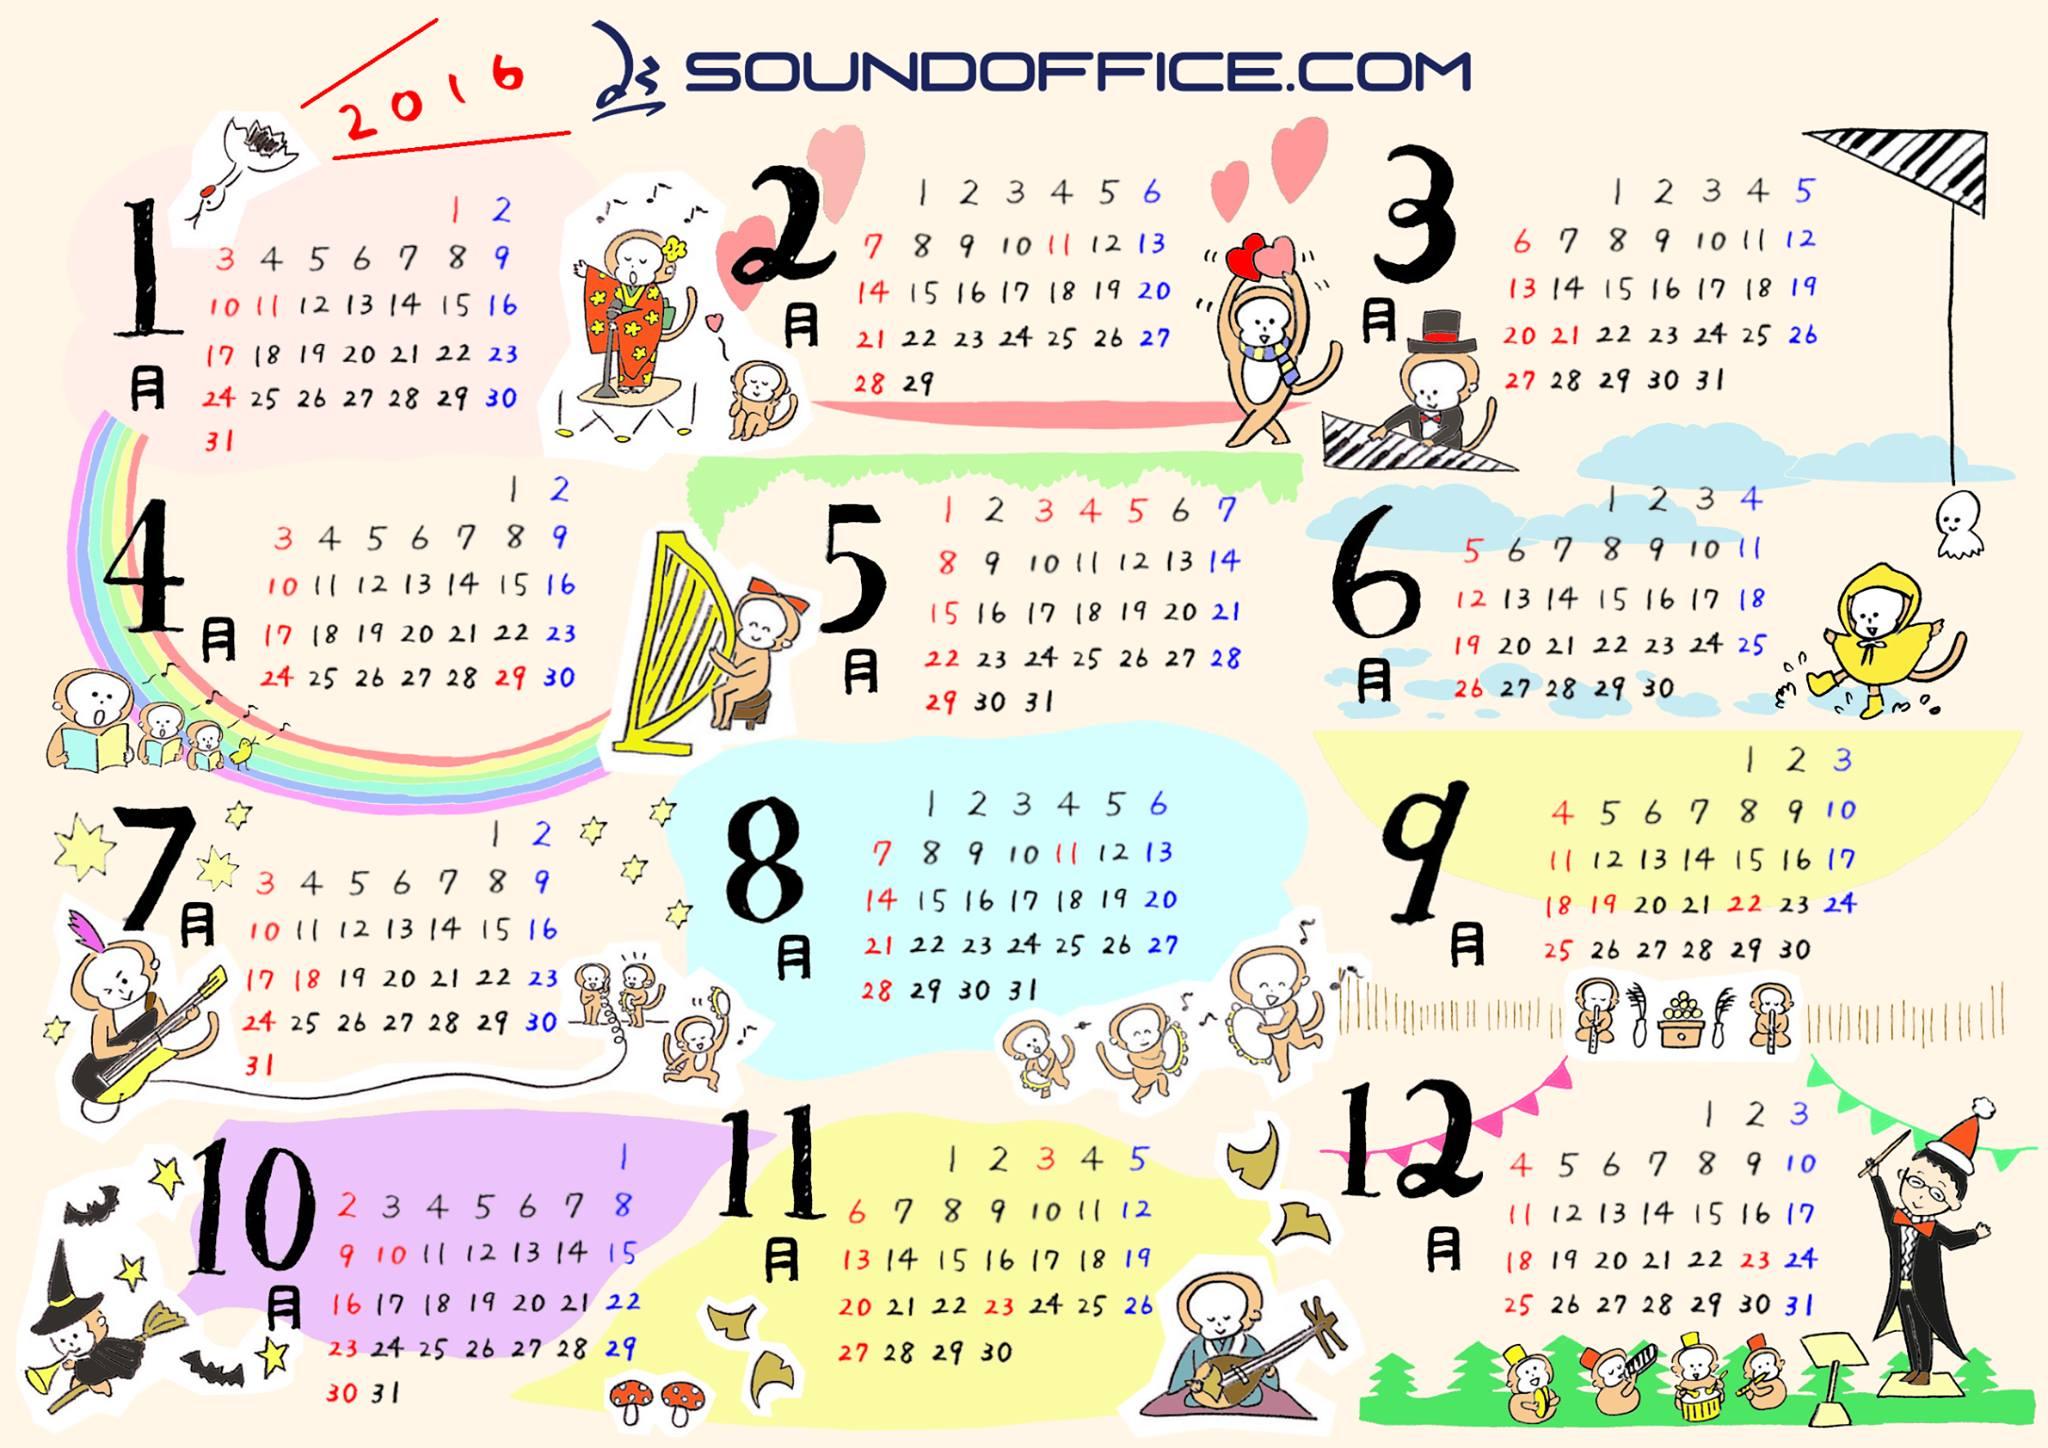 のイラストデザインカレンダー ... : 2015年度のカレンダー : カレンダー